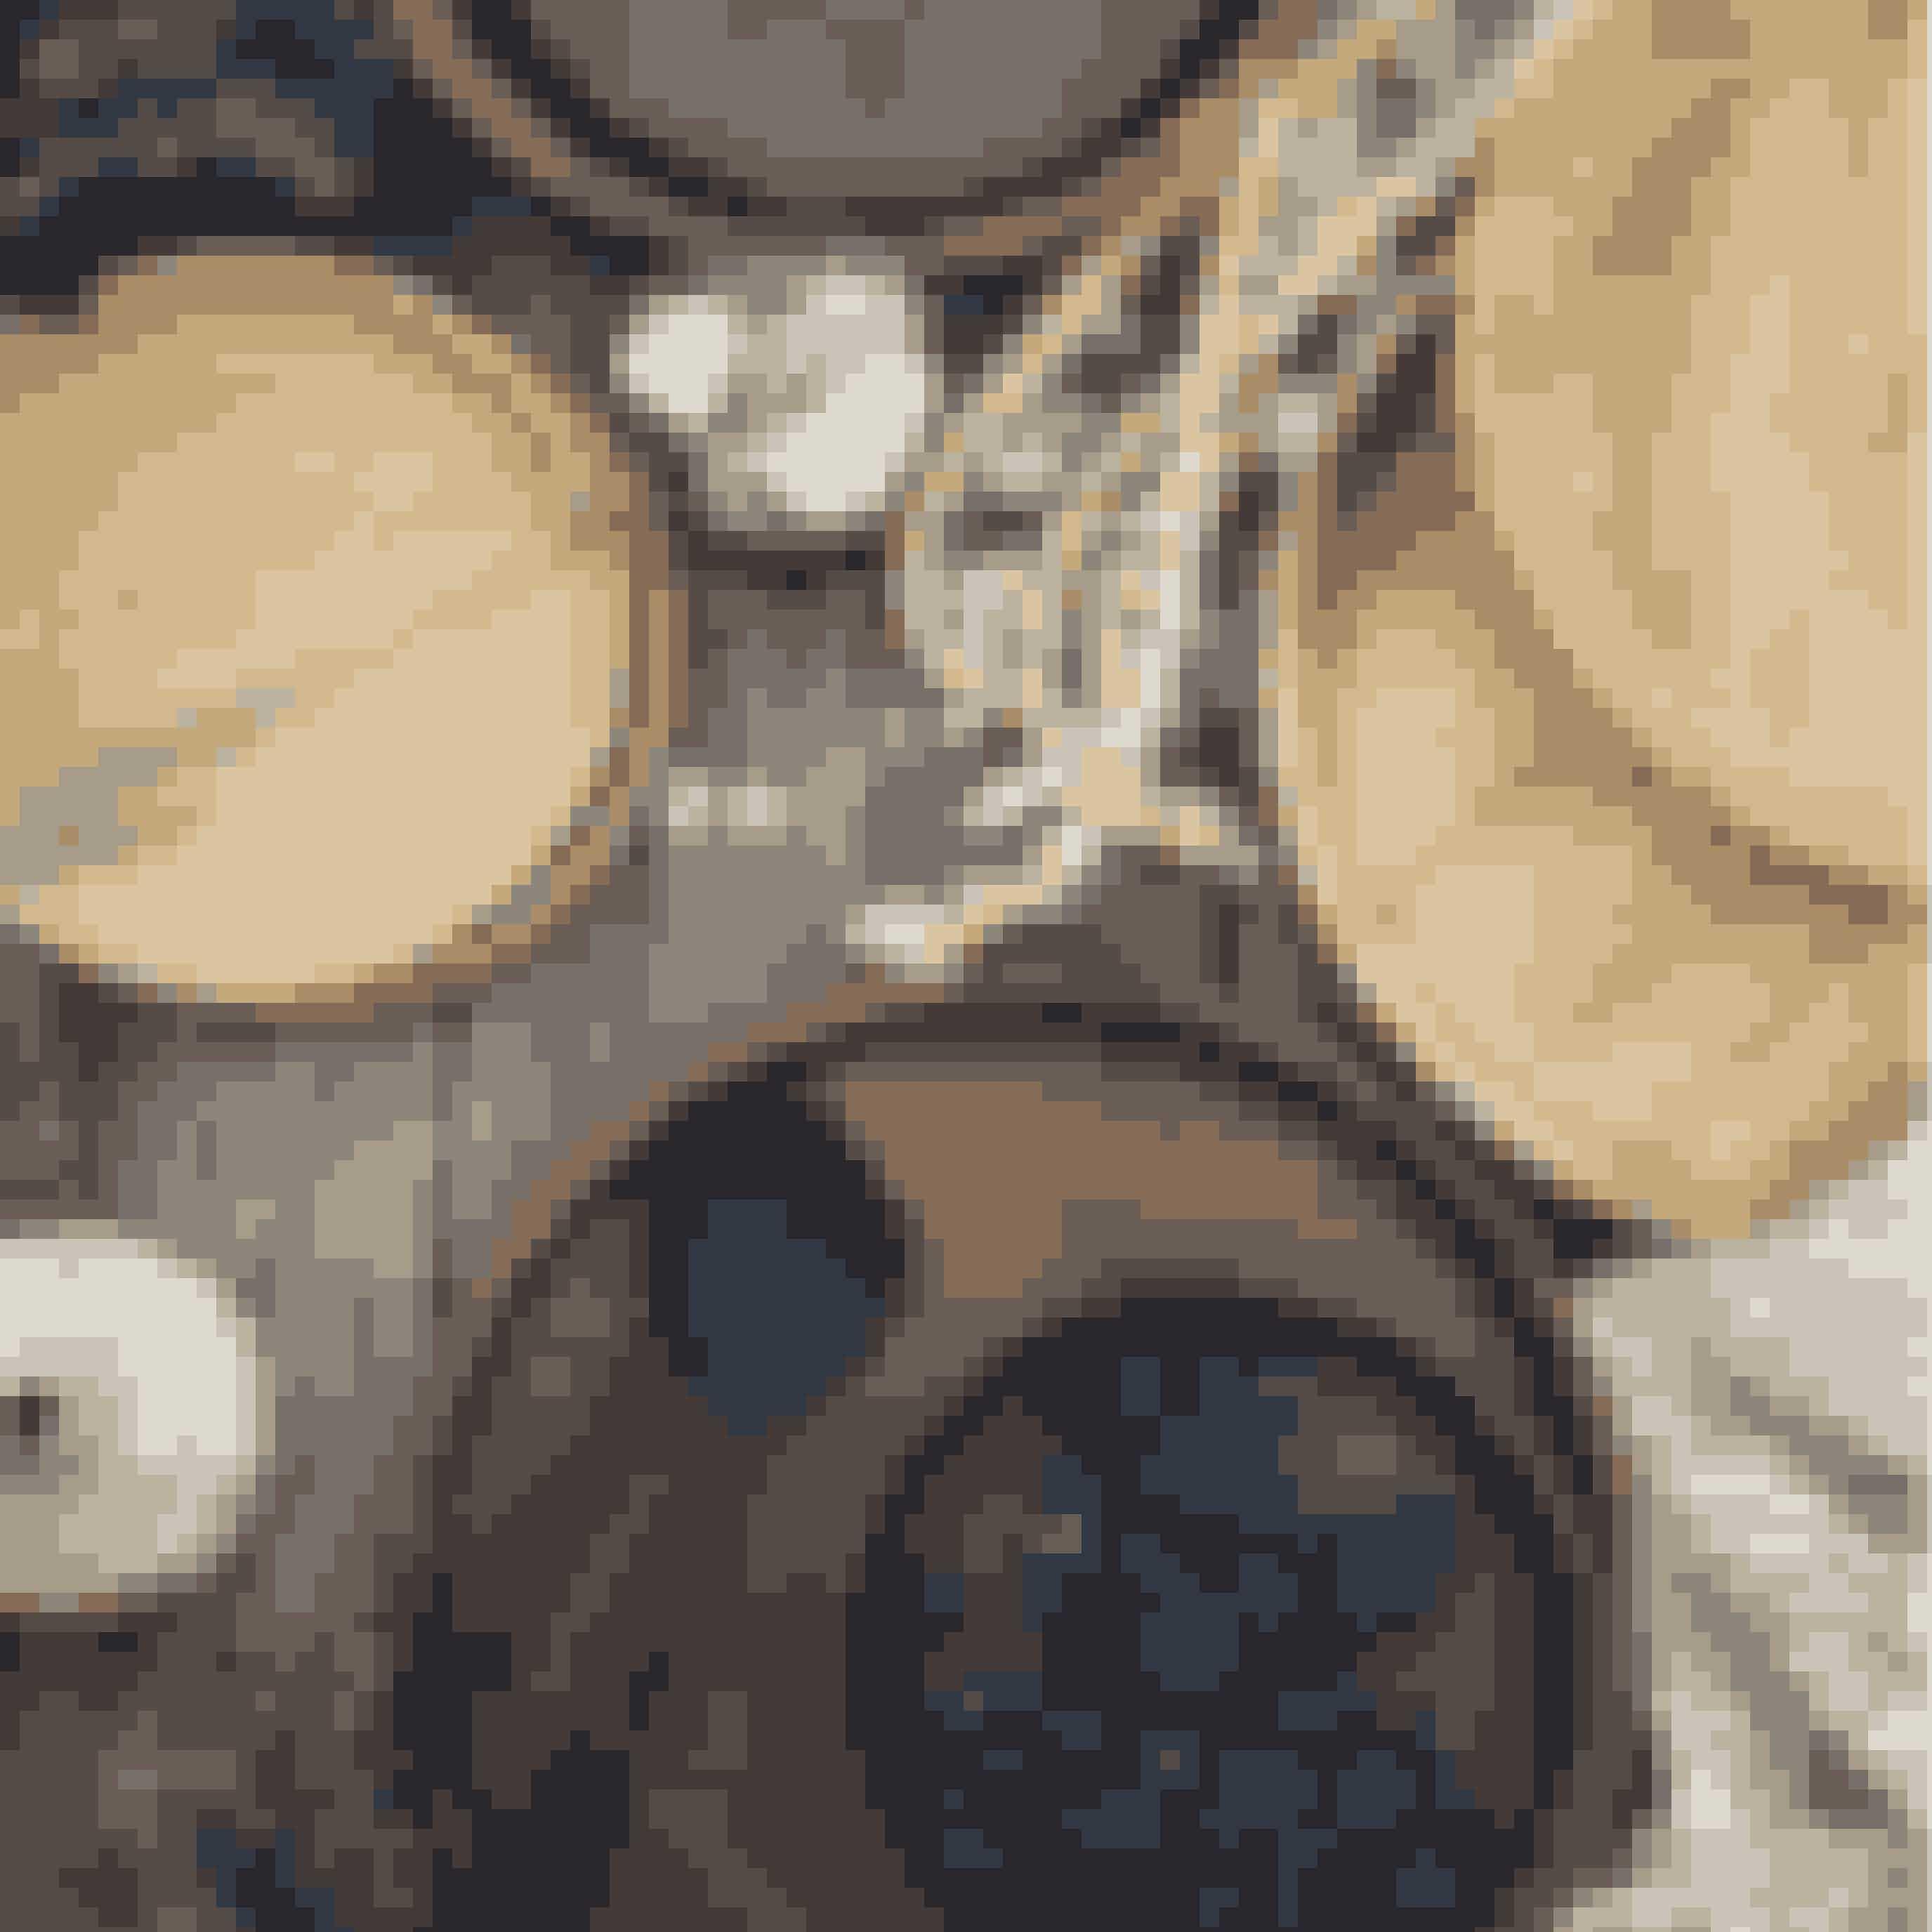 Dette serveringssæt passer perfekt ind i den skandinaviske stil. Brug det som service, serveringsbræt eller til opbevaring på altanen. Naturmaterialerne emmer af dansk sommer.